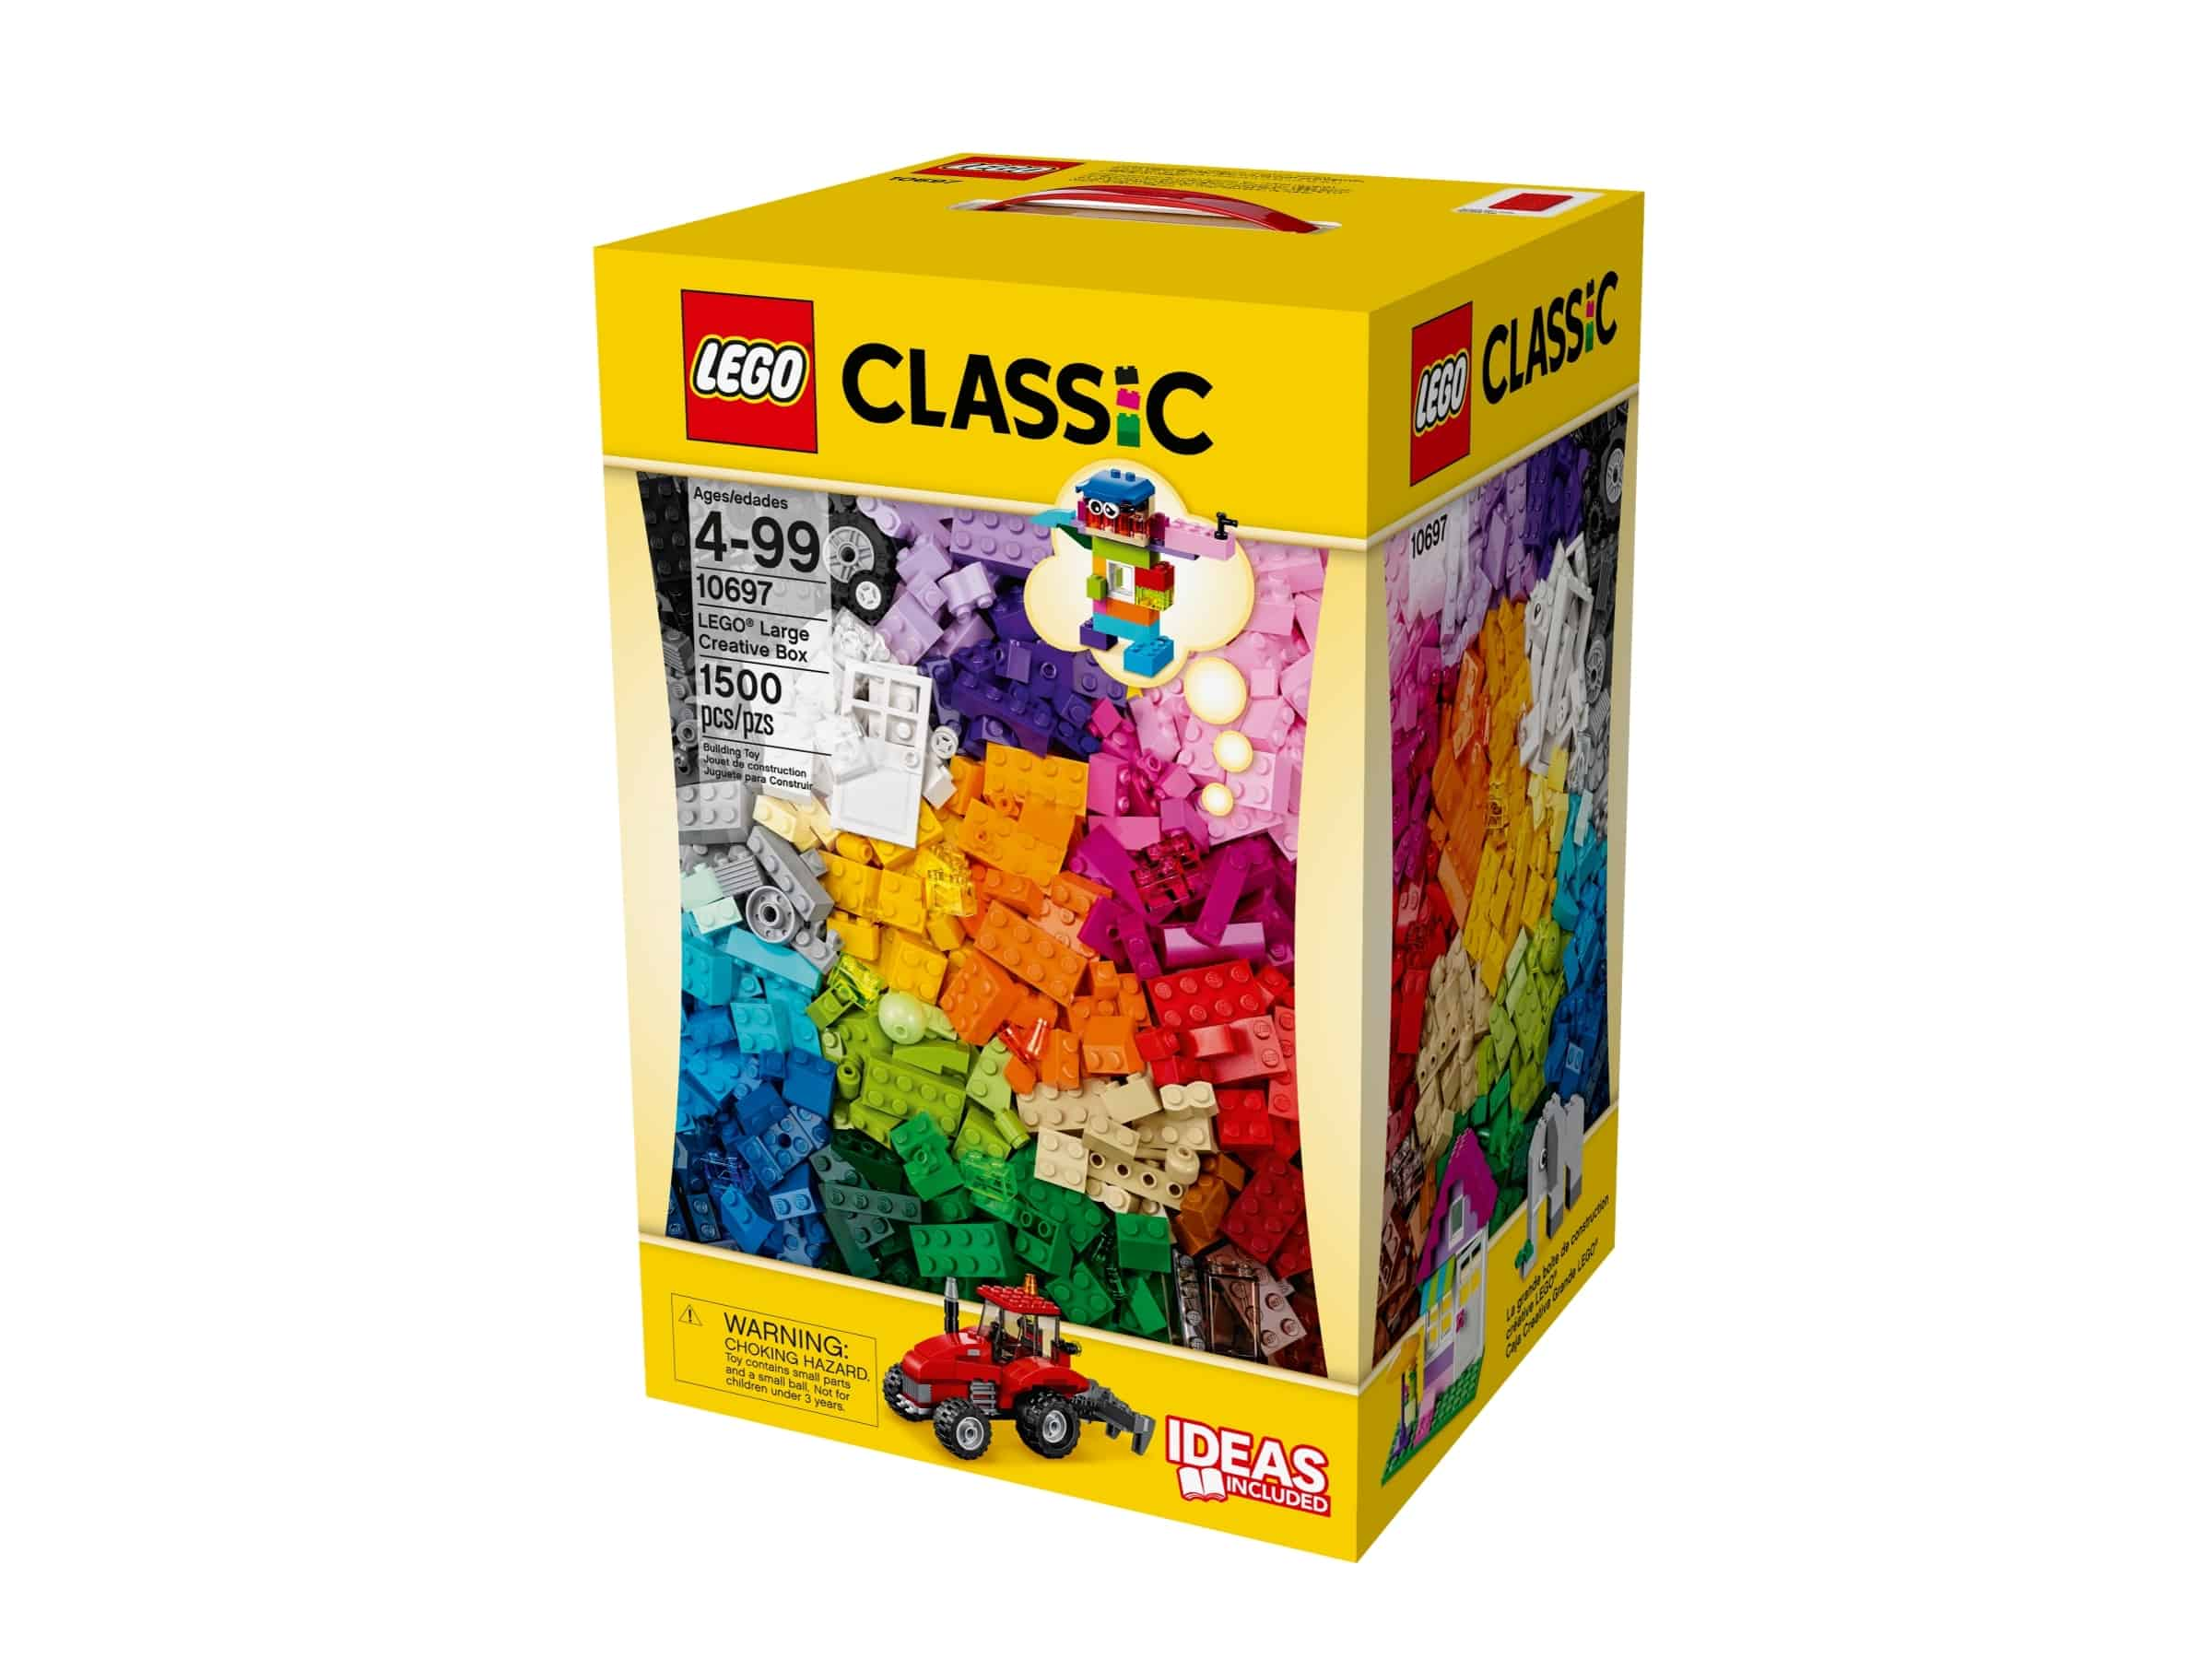 lego 10697 stor kreativ boks